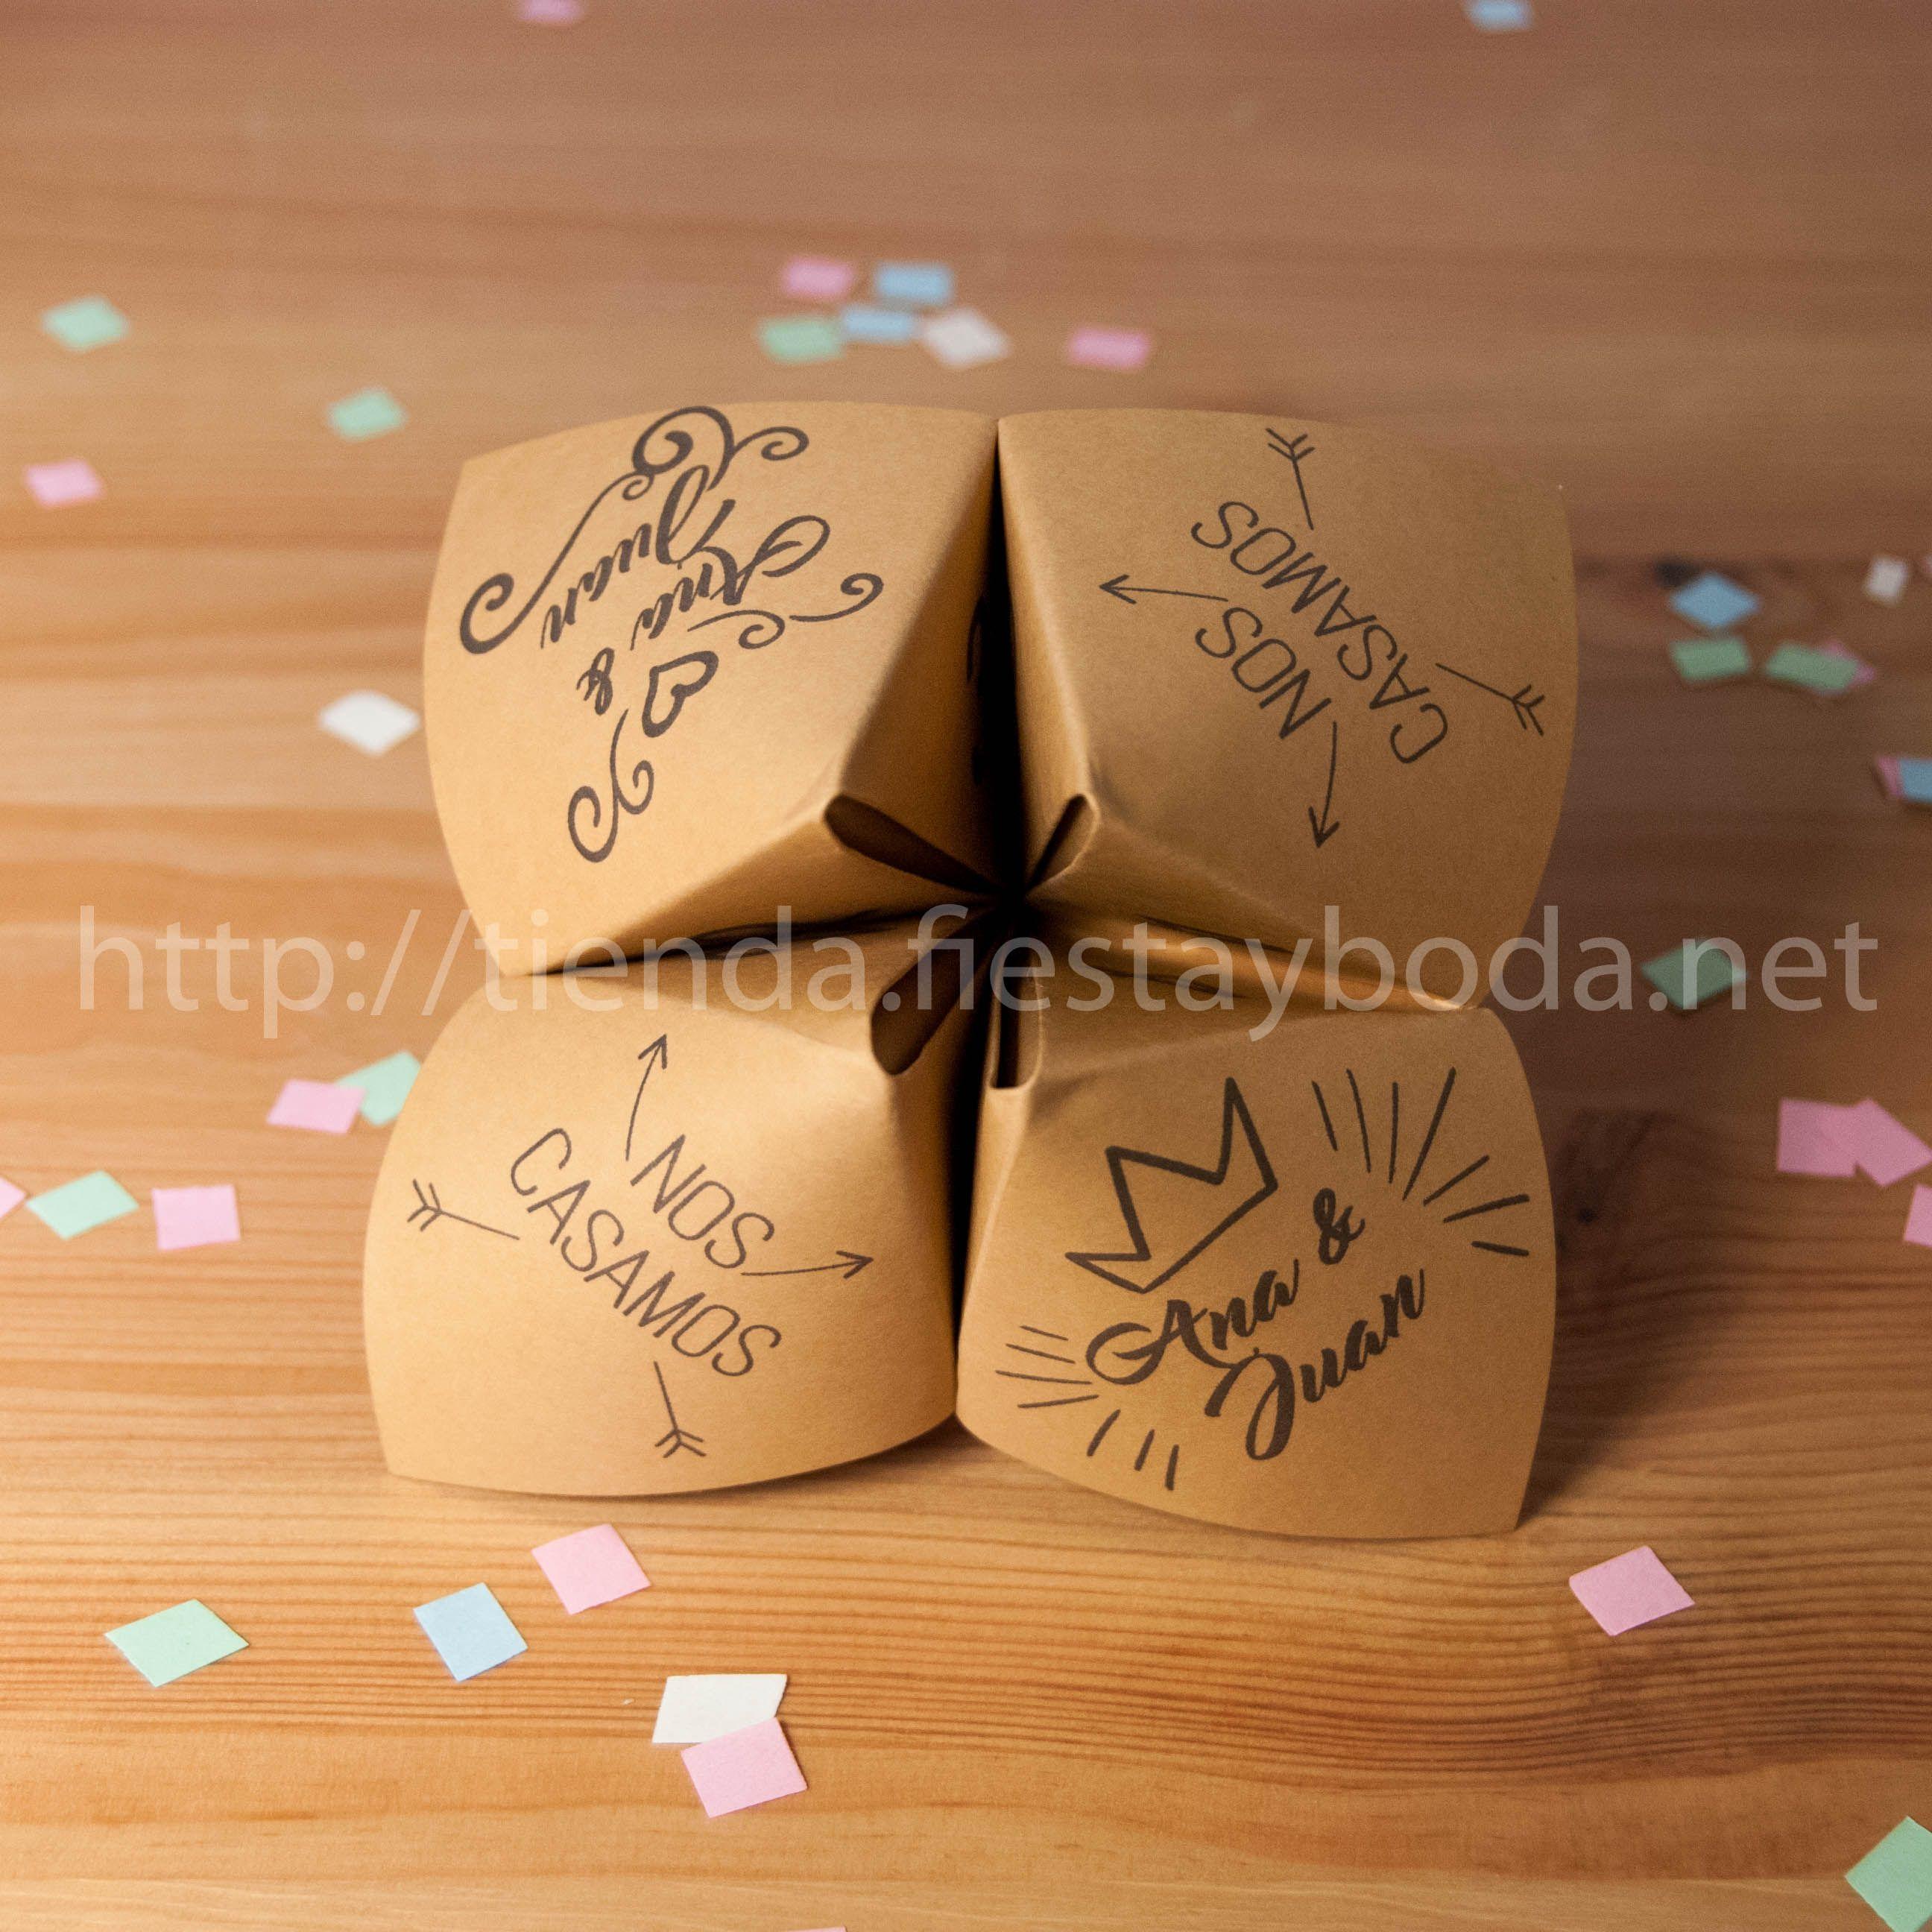 colores armoniosos comprar el más nuevo estilo atractivo Invitaciones de boda Comecocos kraft - Invitaciones de boda ...